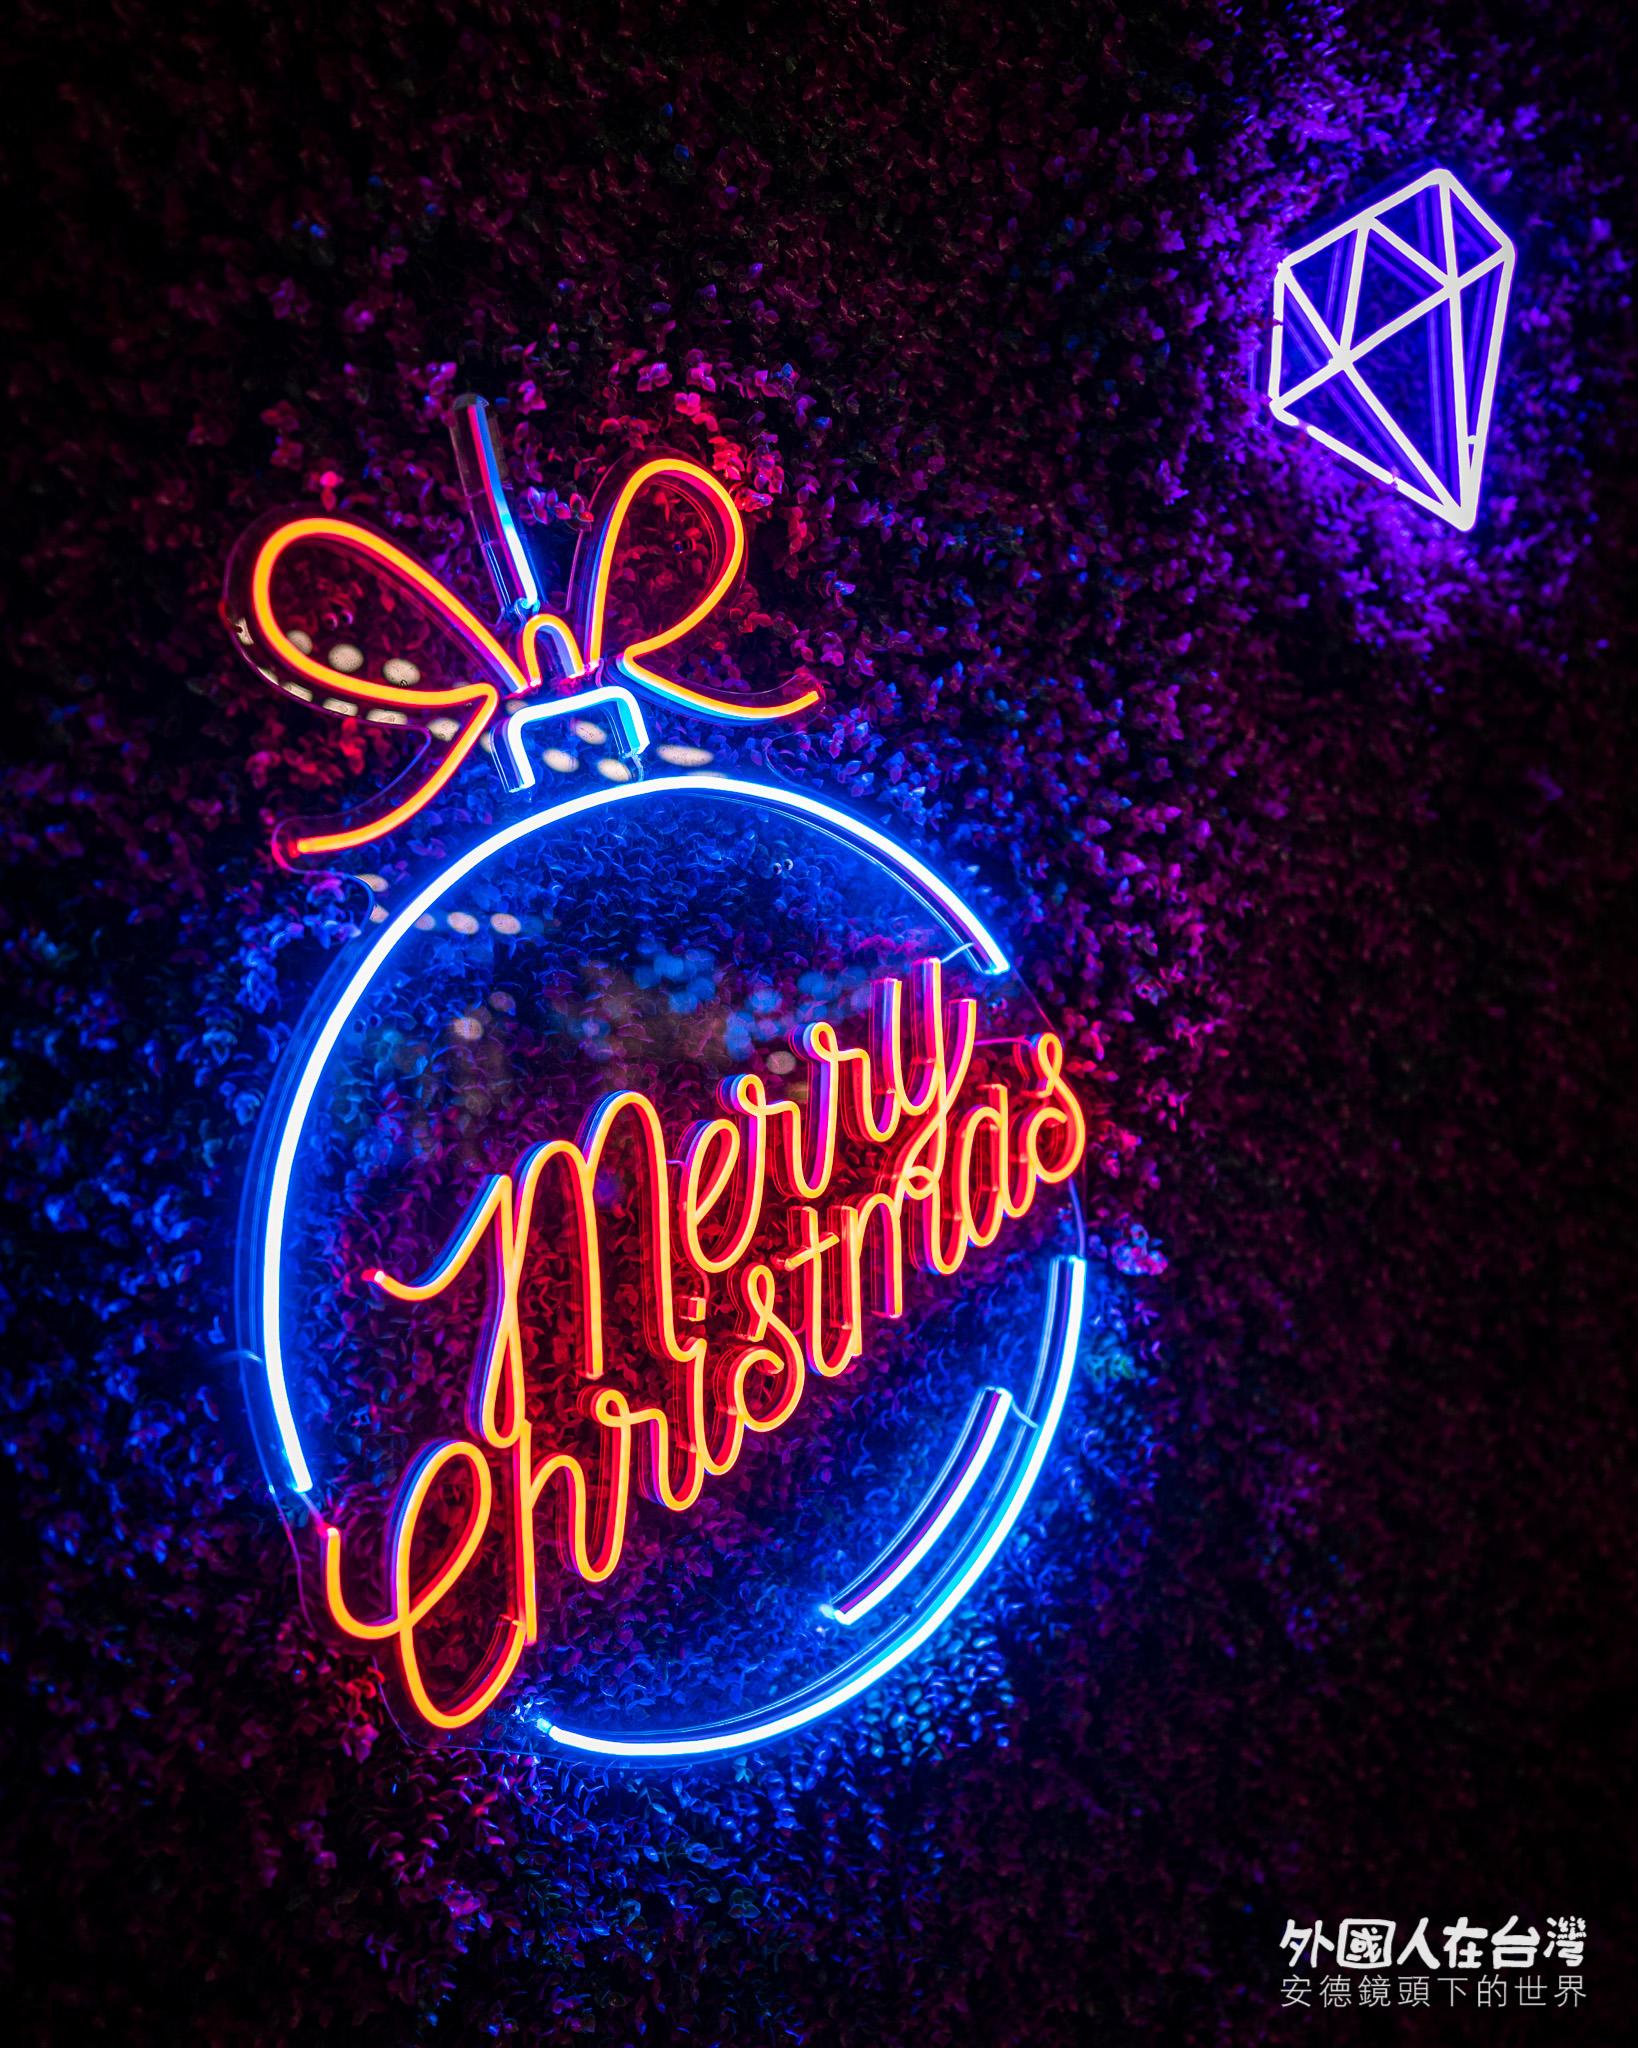 新北歡樂耶誕城Merry Christmas